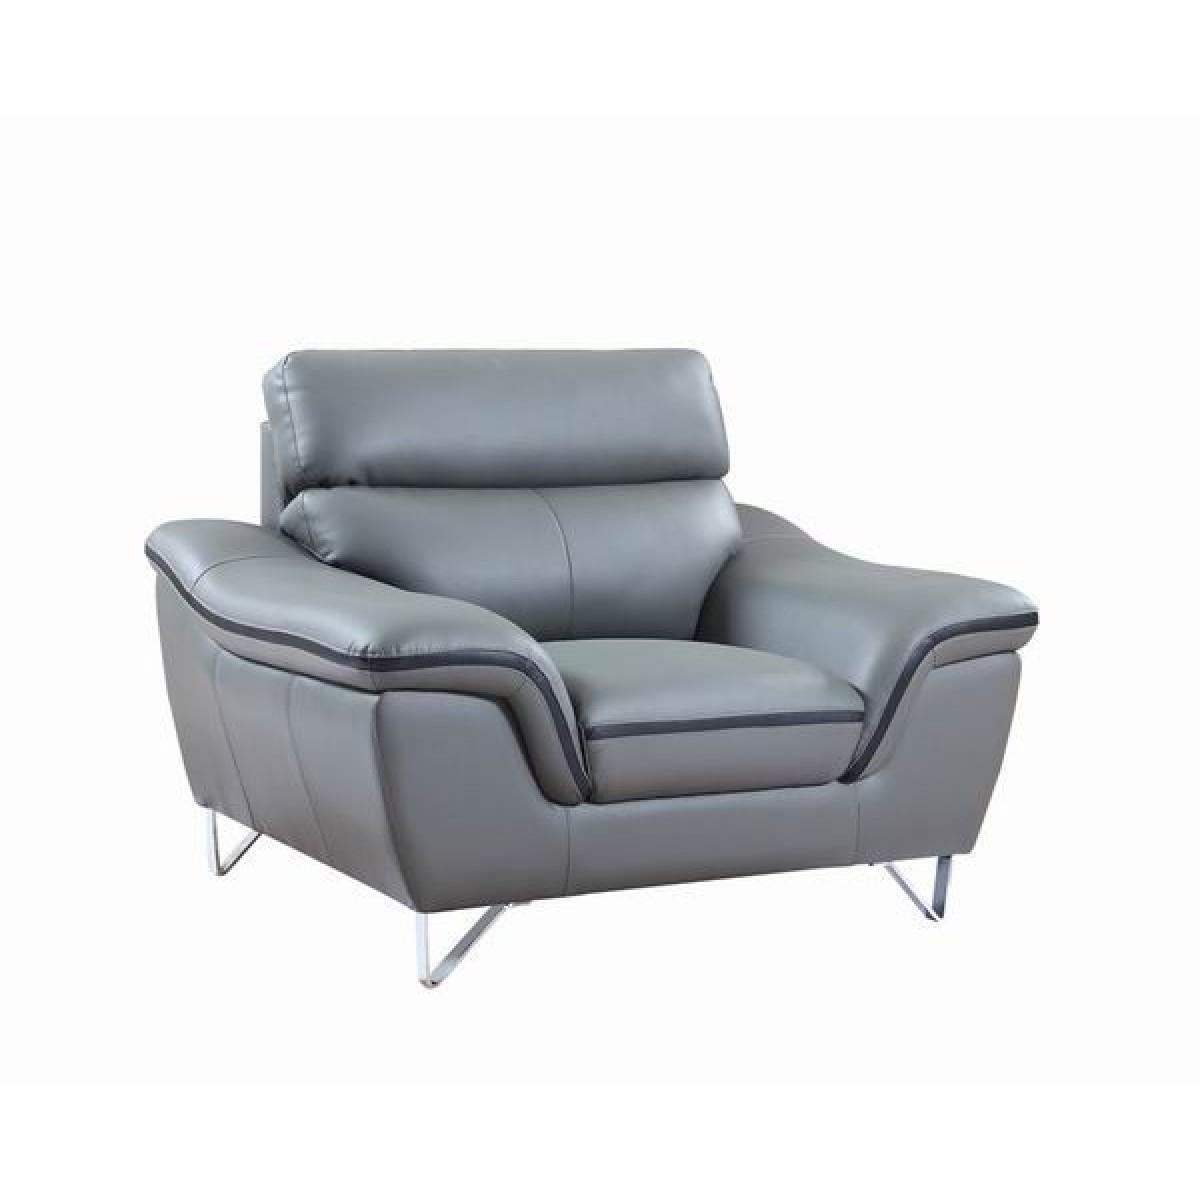 Fauteuil canapés en cuir set personnalisable design DIEGO